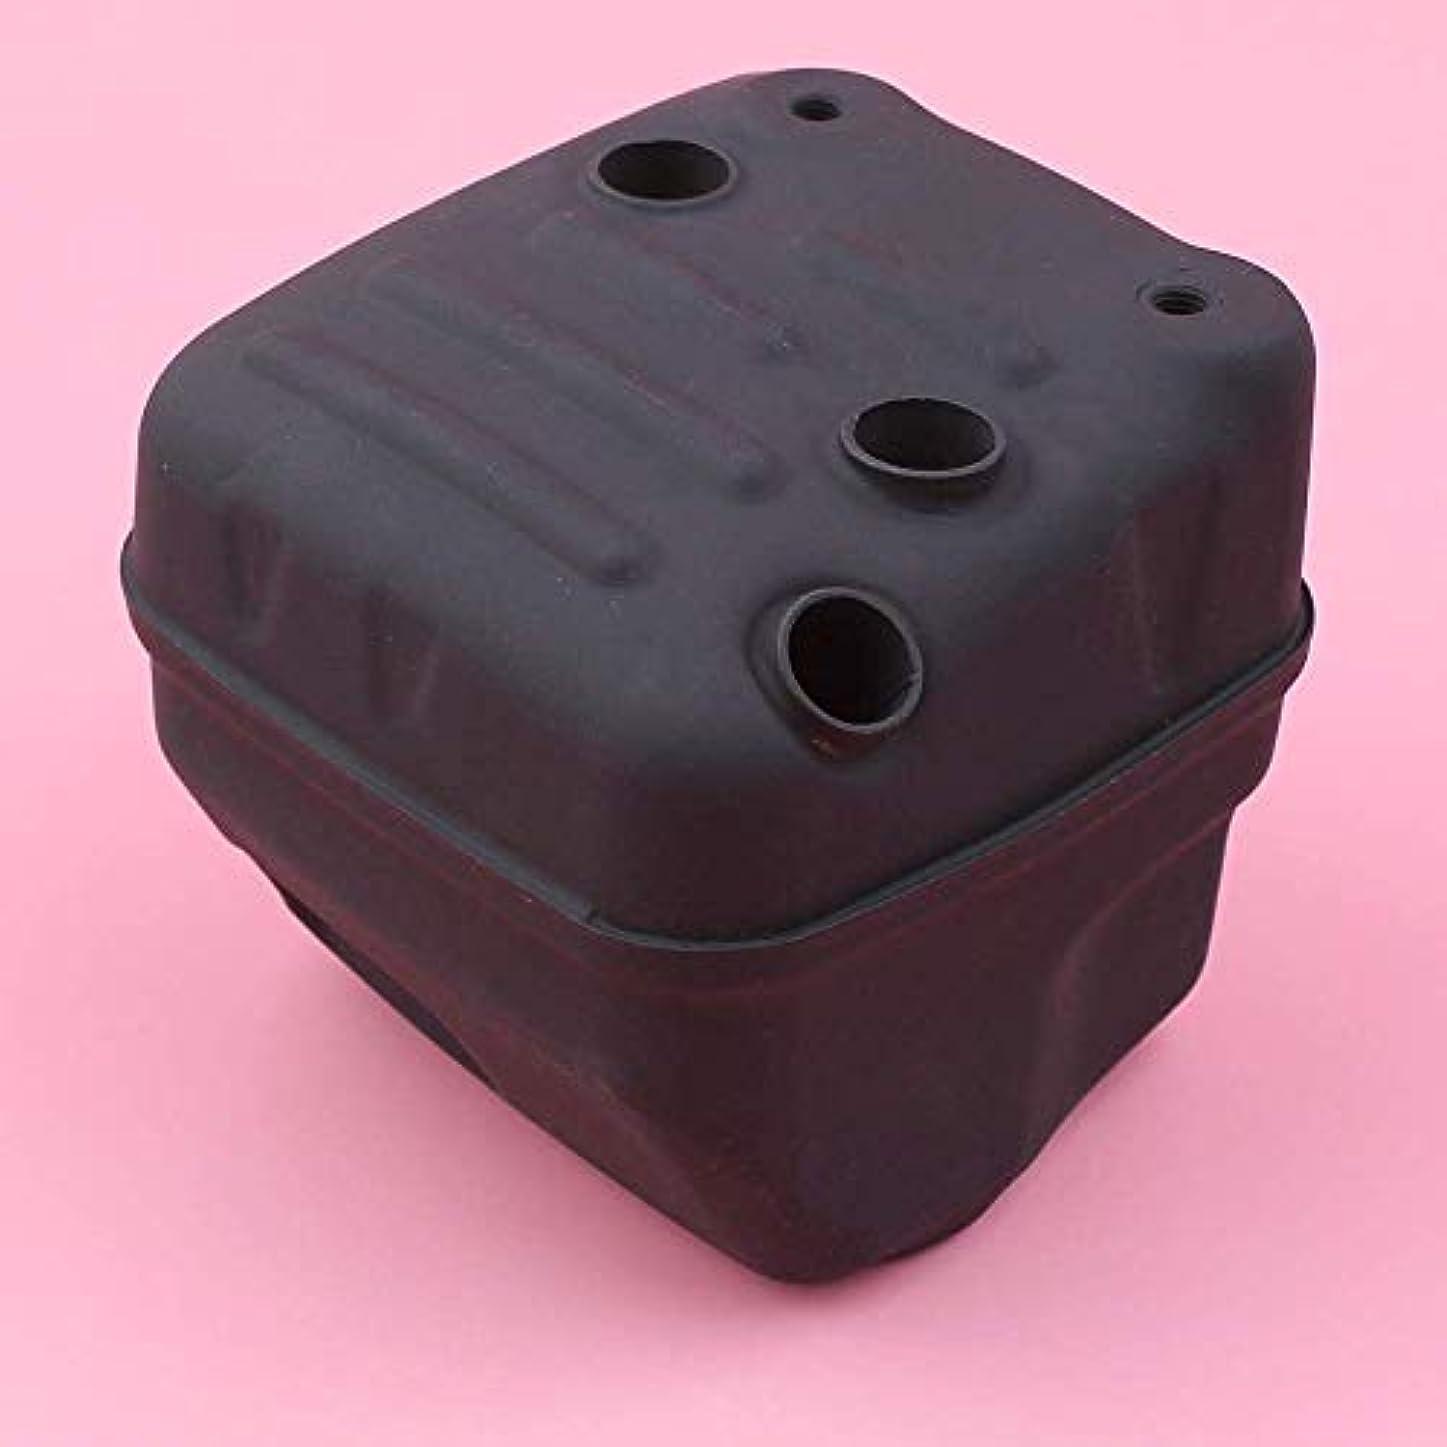 カプラー薄いループAiCheaXツール-ハスクバーナ用エキゾーストマフラーサイレンサー357 357XP 359 EPA 359チェーンソーガーデンツールスペア交換部品503917601